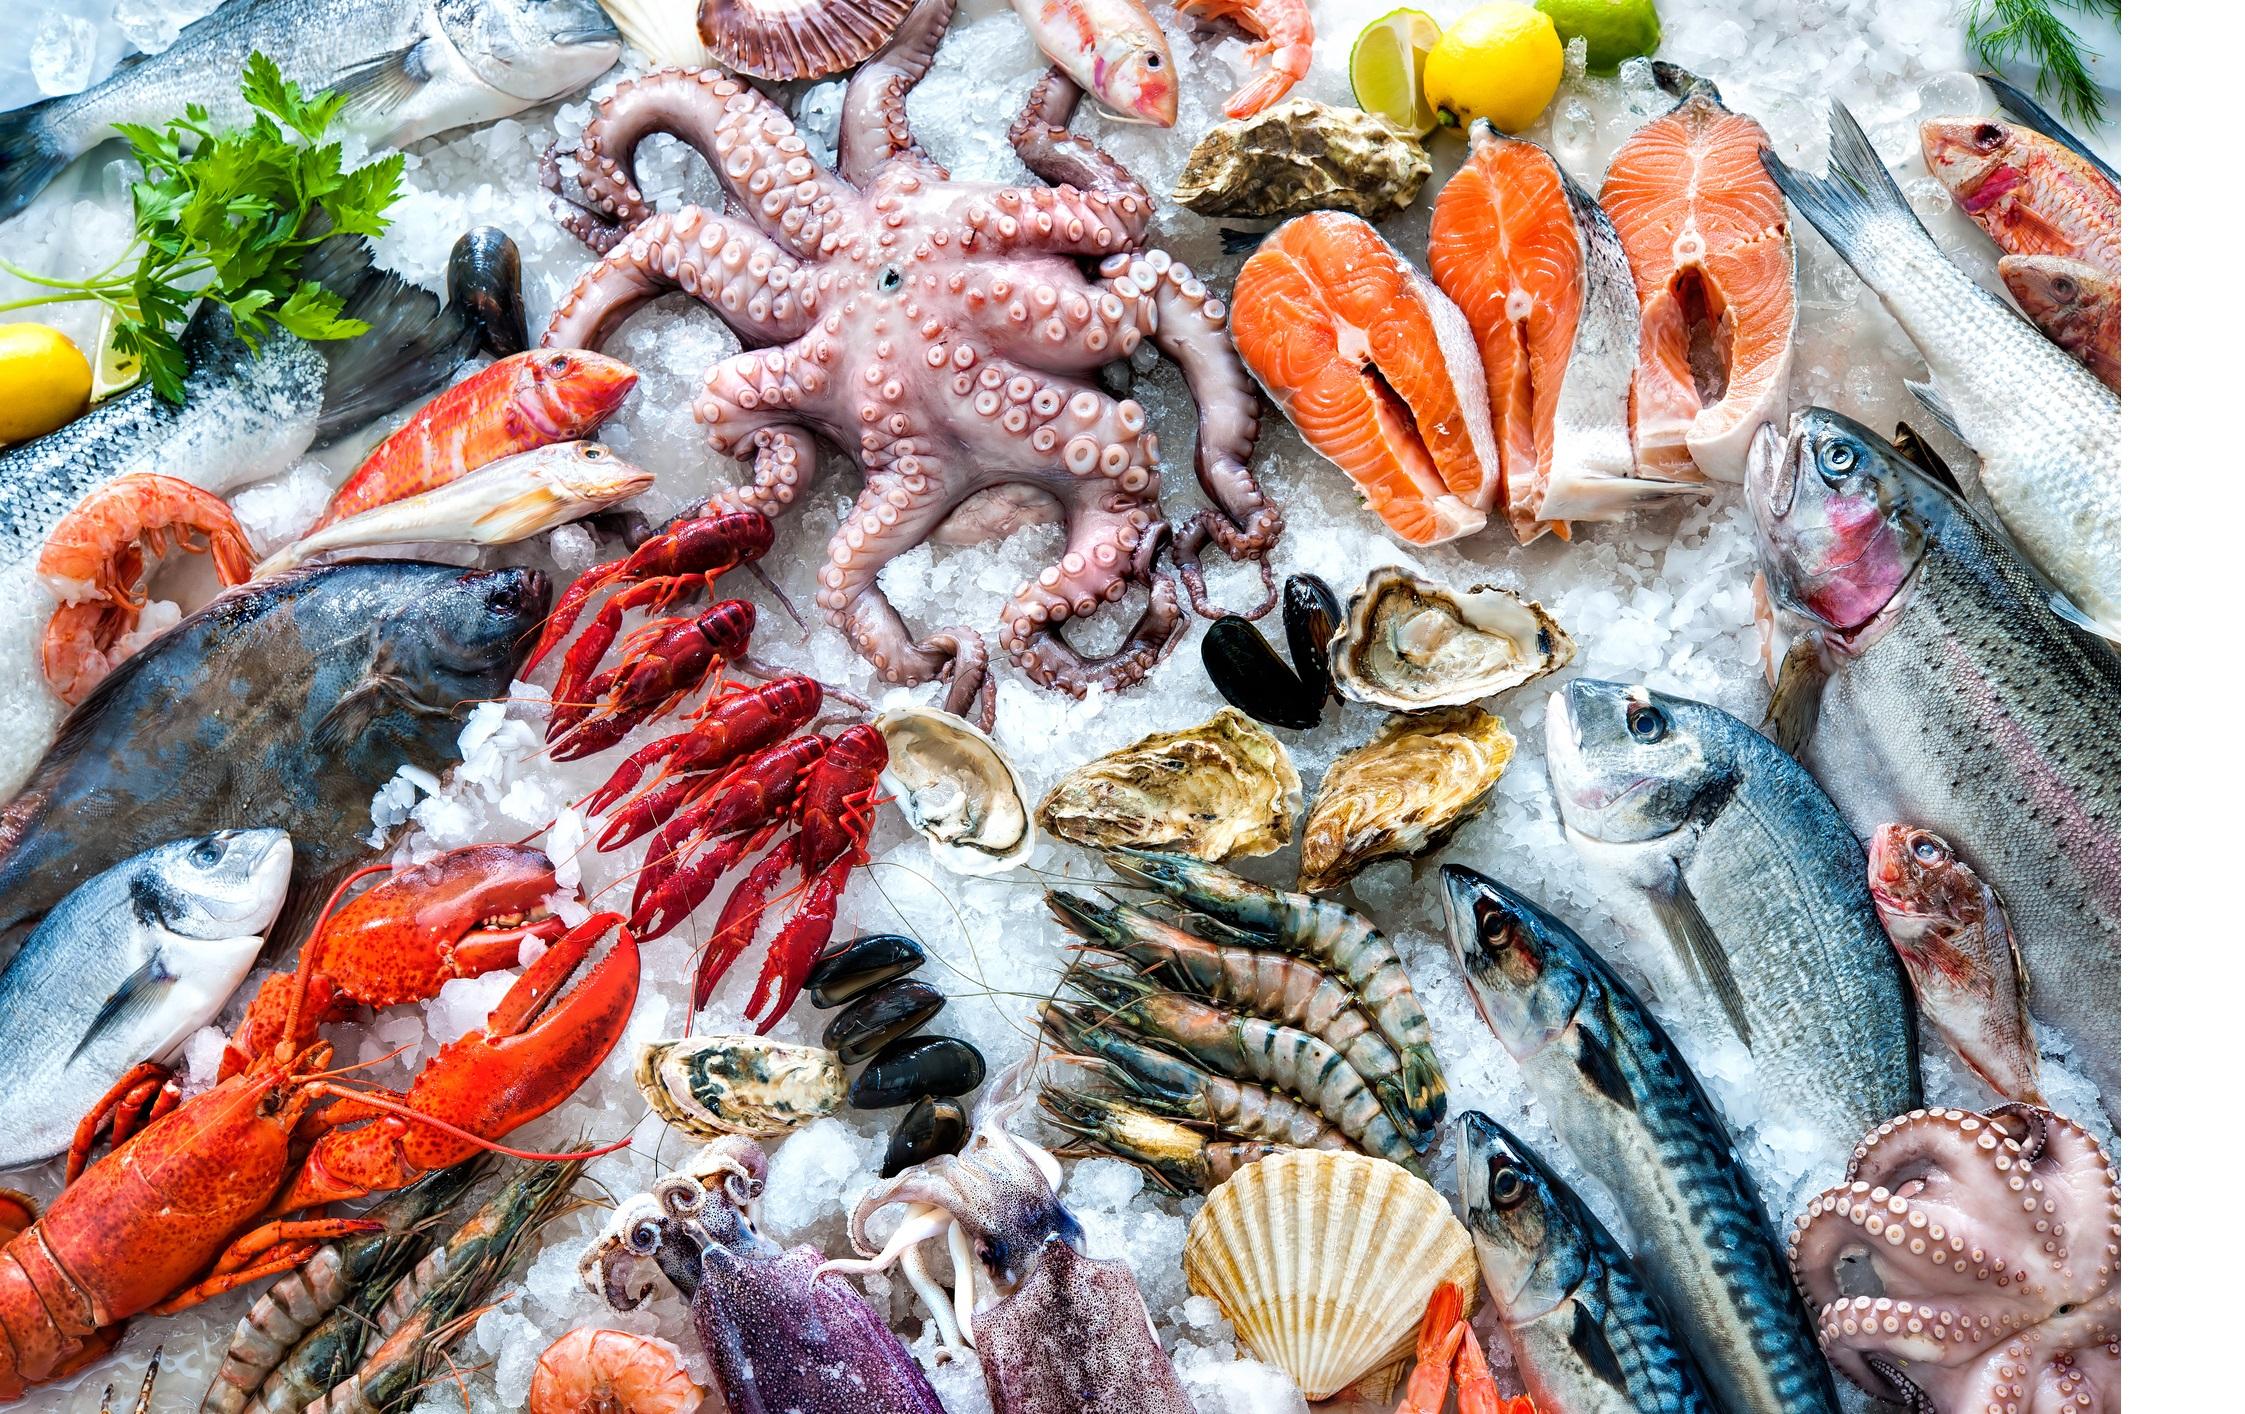 Рак (21 юни – 22 юли)<br /> <br /> Не е нужно да сте астролог, за да знаете, че храната, подходяща за Раците е с морско измерение. Освен всички риби и ракообразни, особено раци, стриди, жаби и охлюви, под юрисдикцията на този знак попадат и гъска, патица, заек и свинско месо. Зеленчуците включват краставица, лук, маруля и всички морски зеленчуци. Що се отнася до плодовете, добре е да заложат на манго, пъпеш и праскови. Трябва да се отбележи, че Ракът не е почитател на пикантните храни.<br /> <br /> Стил на готвене<br /> <br /> За Рака храната не е гориво за организма, а начин за показване на култура на хранене, както и емоционална храна. Те са склонни да ядат, когато са щастливи или тъжни. Когато Ракът готви значително количество емоции, мисли и грижи отиват във всяко едно ястие.